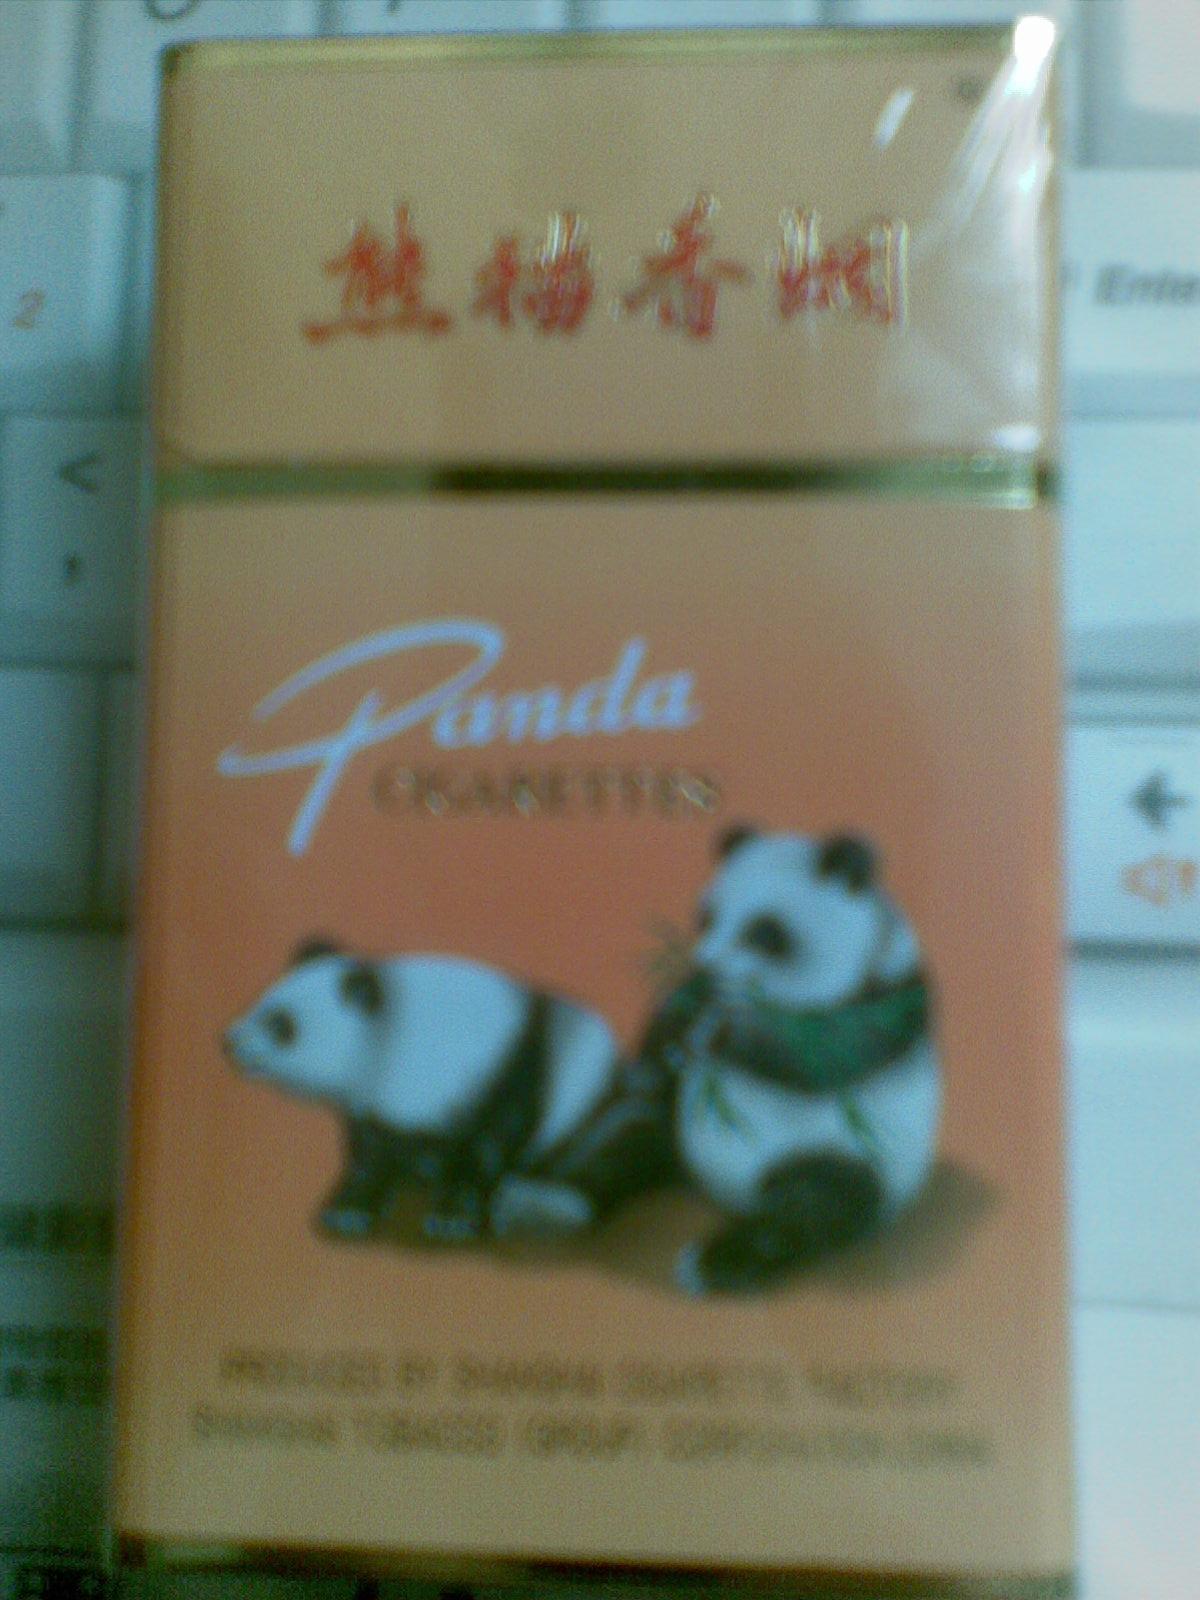 出口大熊猫香烟 黄熊猫香烟 大熊猫香烟价格表图 高清图片